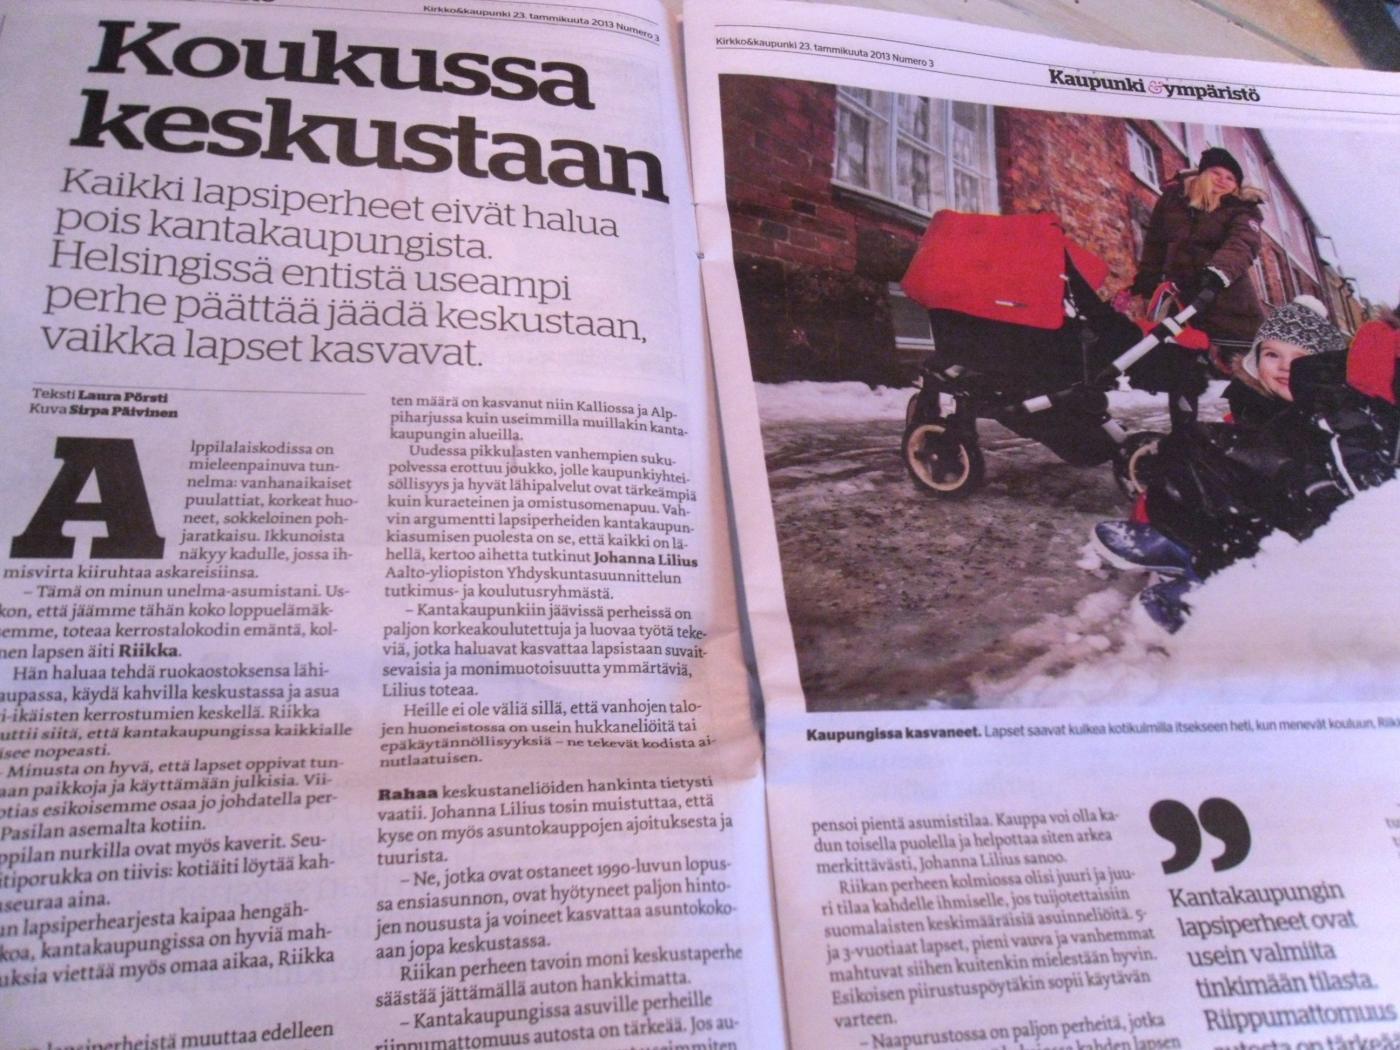 koukussa_keskustaan.jpg